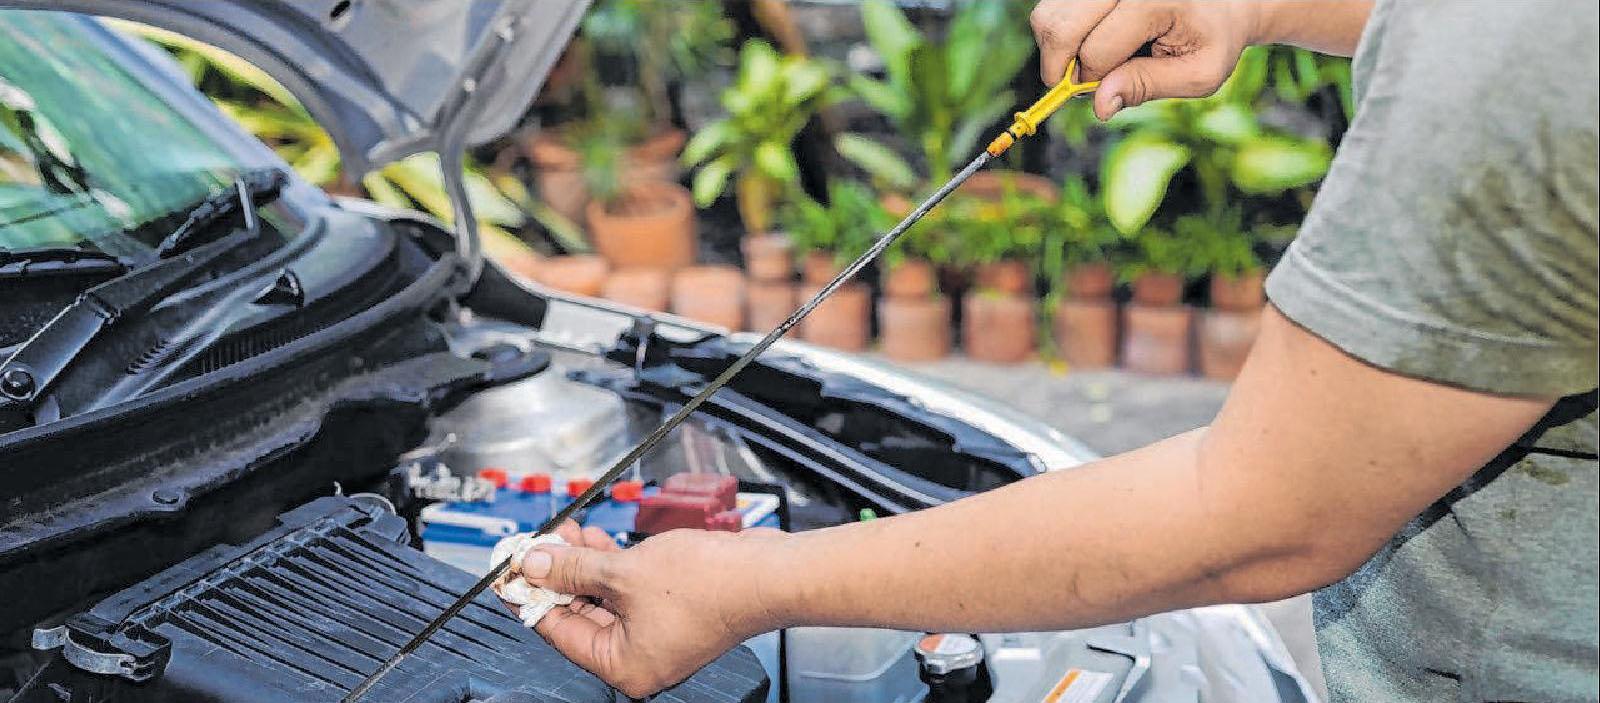 Autofahrer sollten sich in Sachen Öl nicht nur auf die Ölstandsanzeige des Autos verlassen. Foto: KHAMLAKSANA/Shutterstock